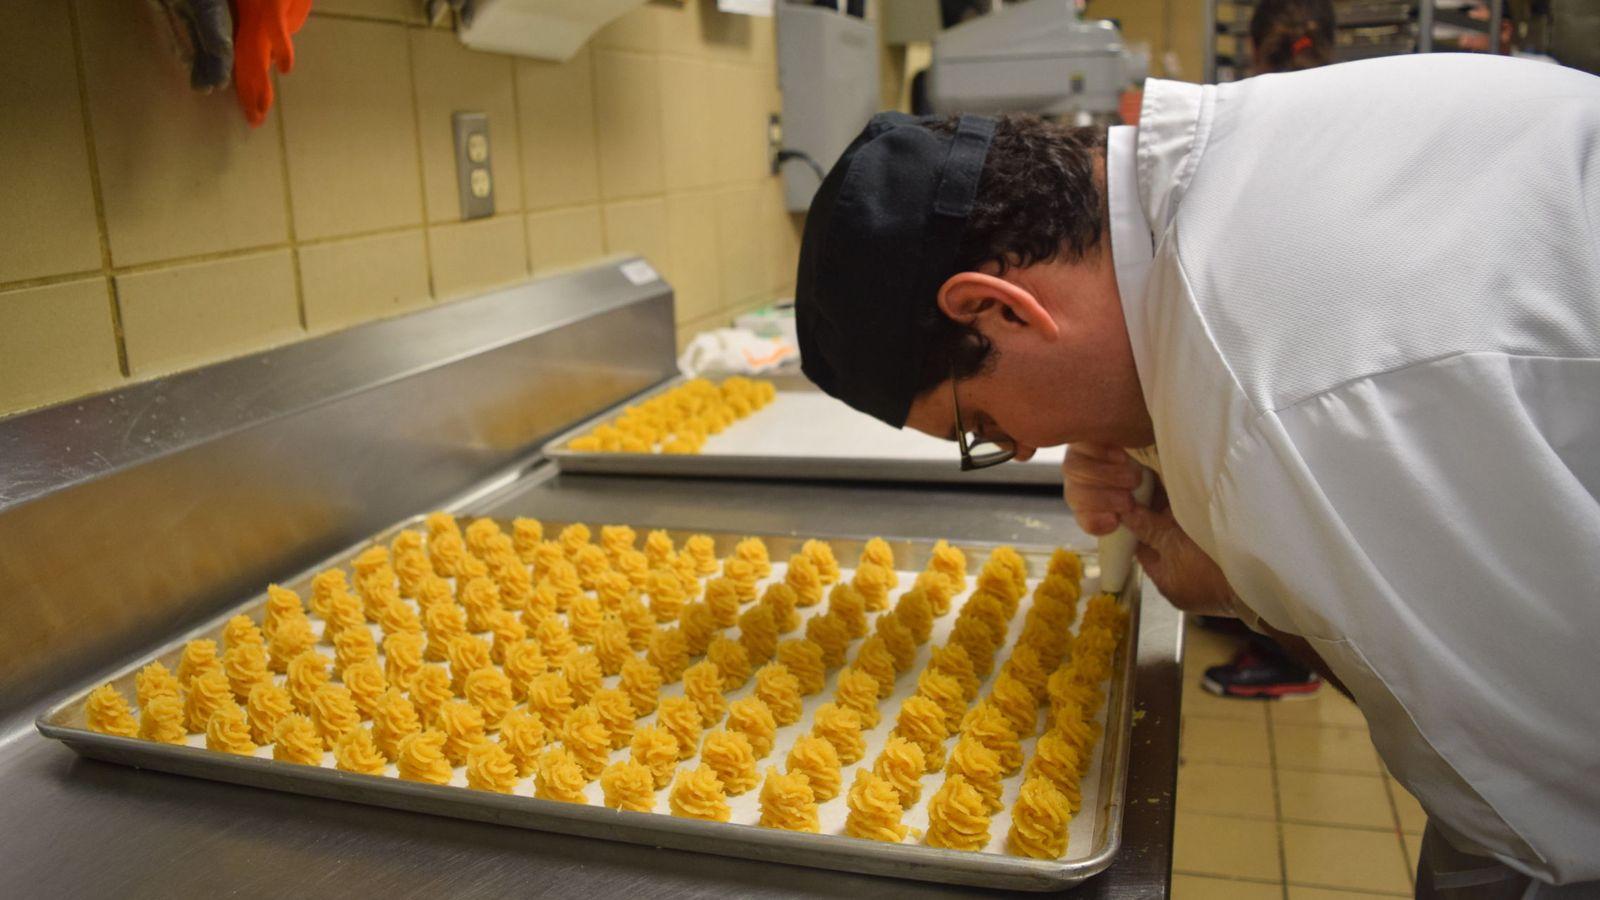 Foto: Un joven trabajando en una cocina en una imagen de archivo. (EFE)